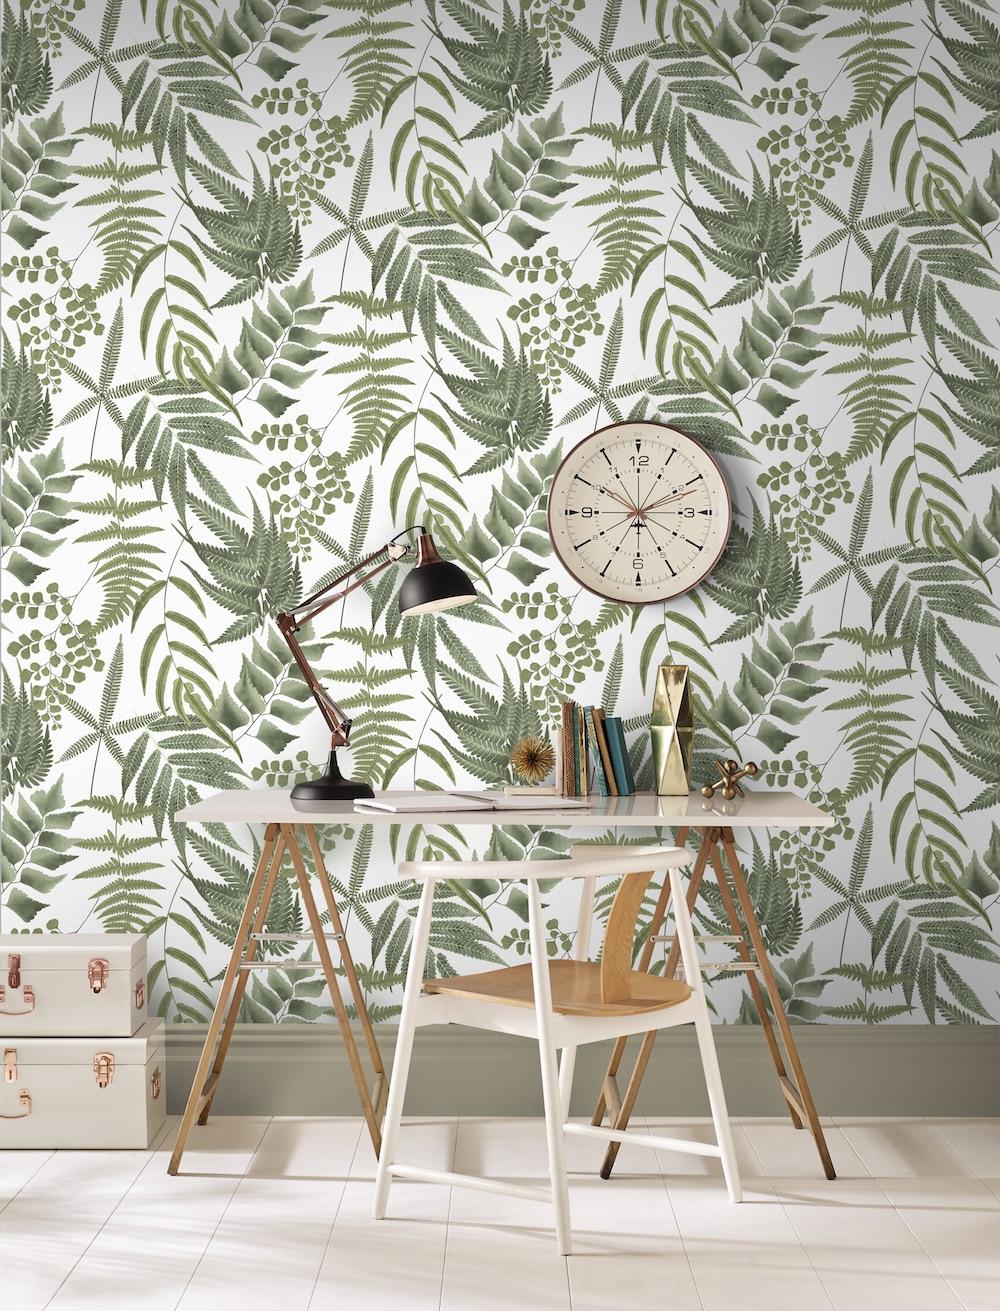 Inspiratie voor je home-office #thuisqwerken #thuiskantoor #homeoffiec #behang #grahambrown